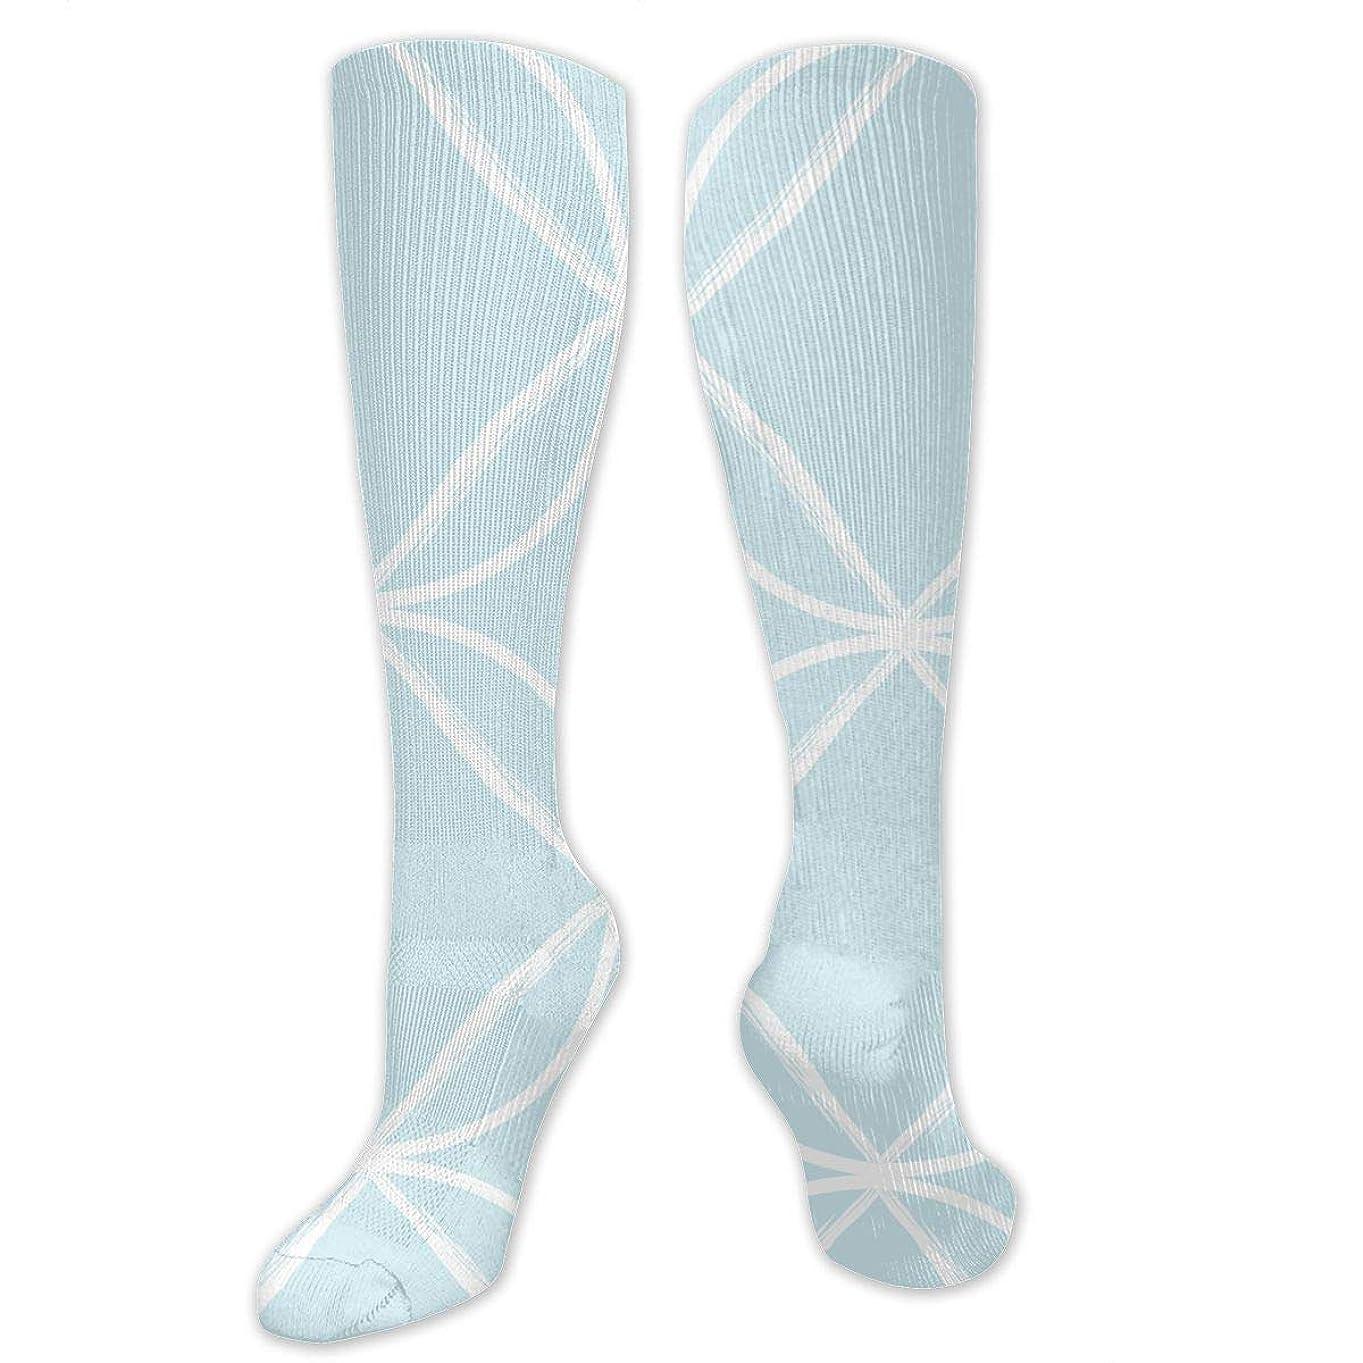 転倒練るダイエット靴下,ストッキング,野生のジョーカー,実際,秋の本質,冬必須,サマーウェア&RBXAA Women's Winter Cotton Long Tube Socks Knee High Graduated Compression Socks Circle Ogee Pale Blue Fabric (3795) Socks